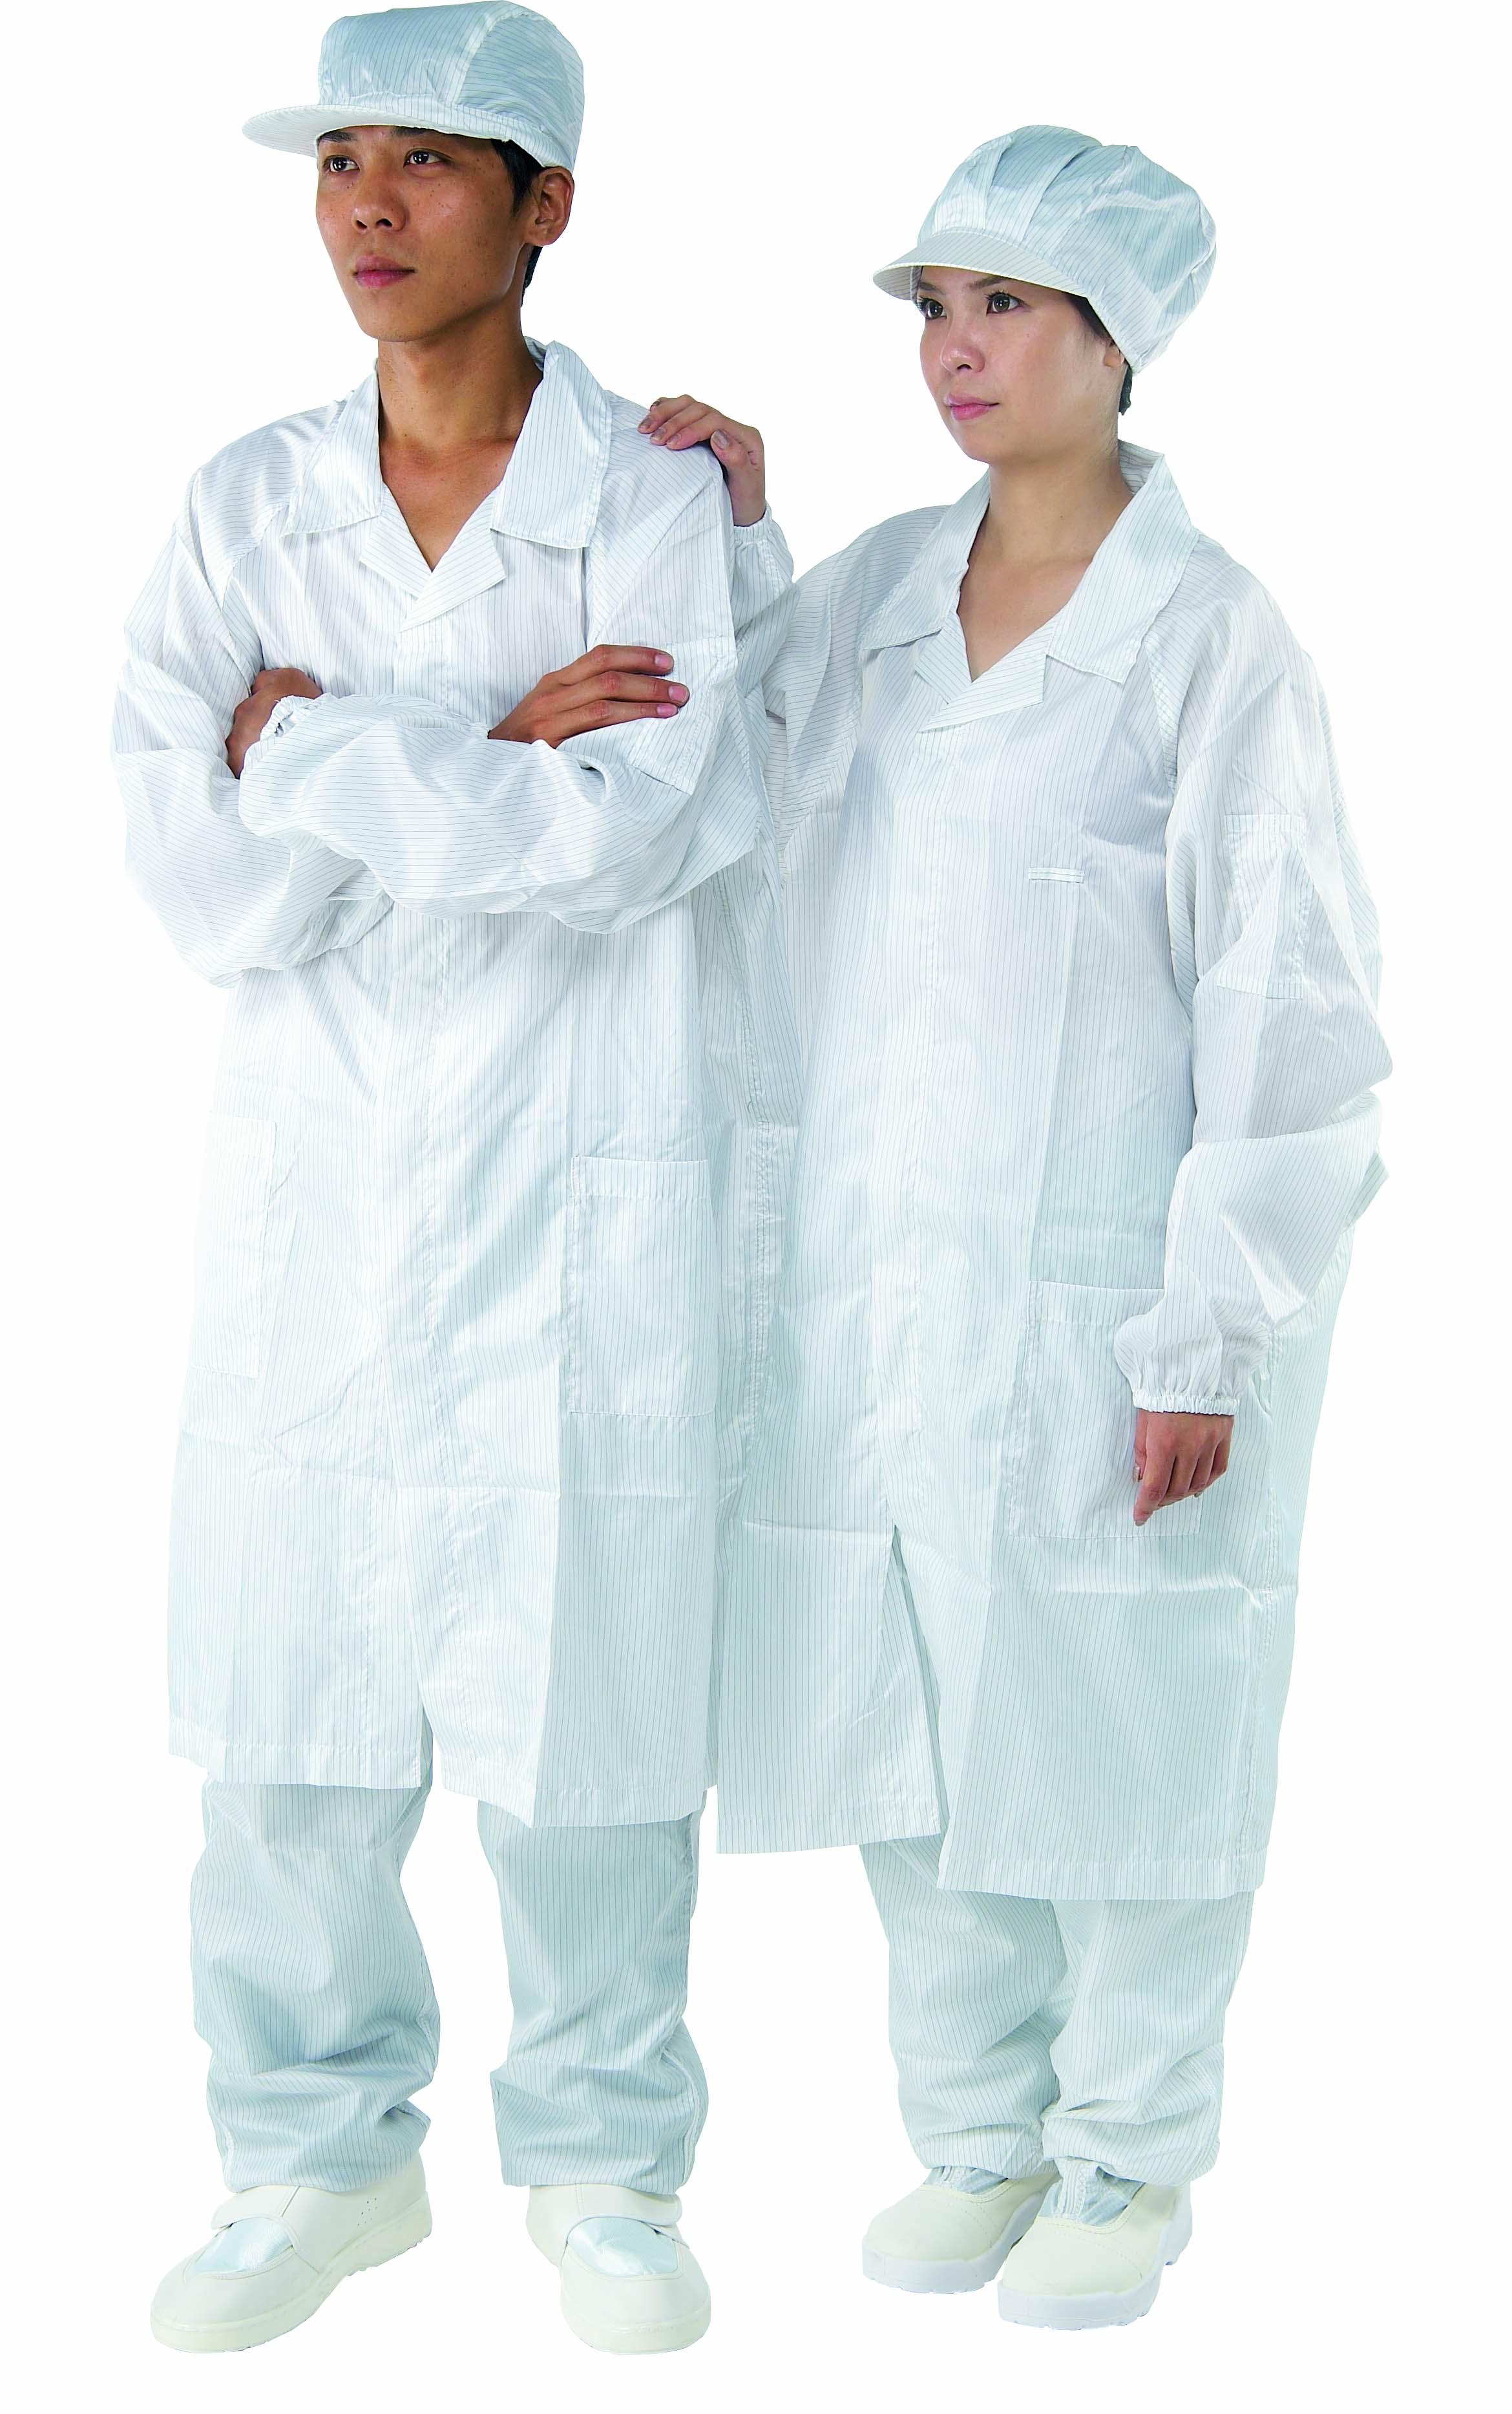 防静电大褂  防静电无尘服  防静电大衣  防静电服